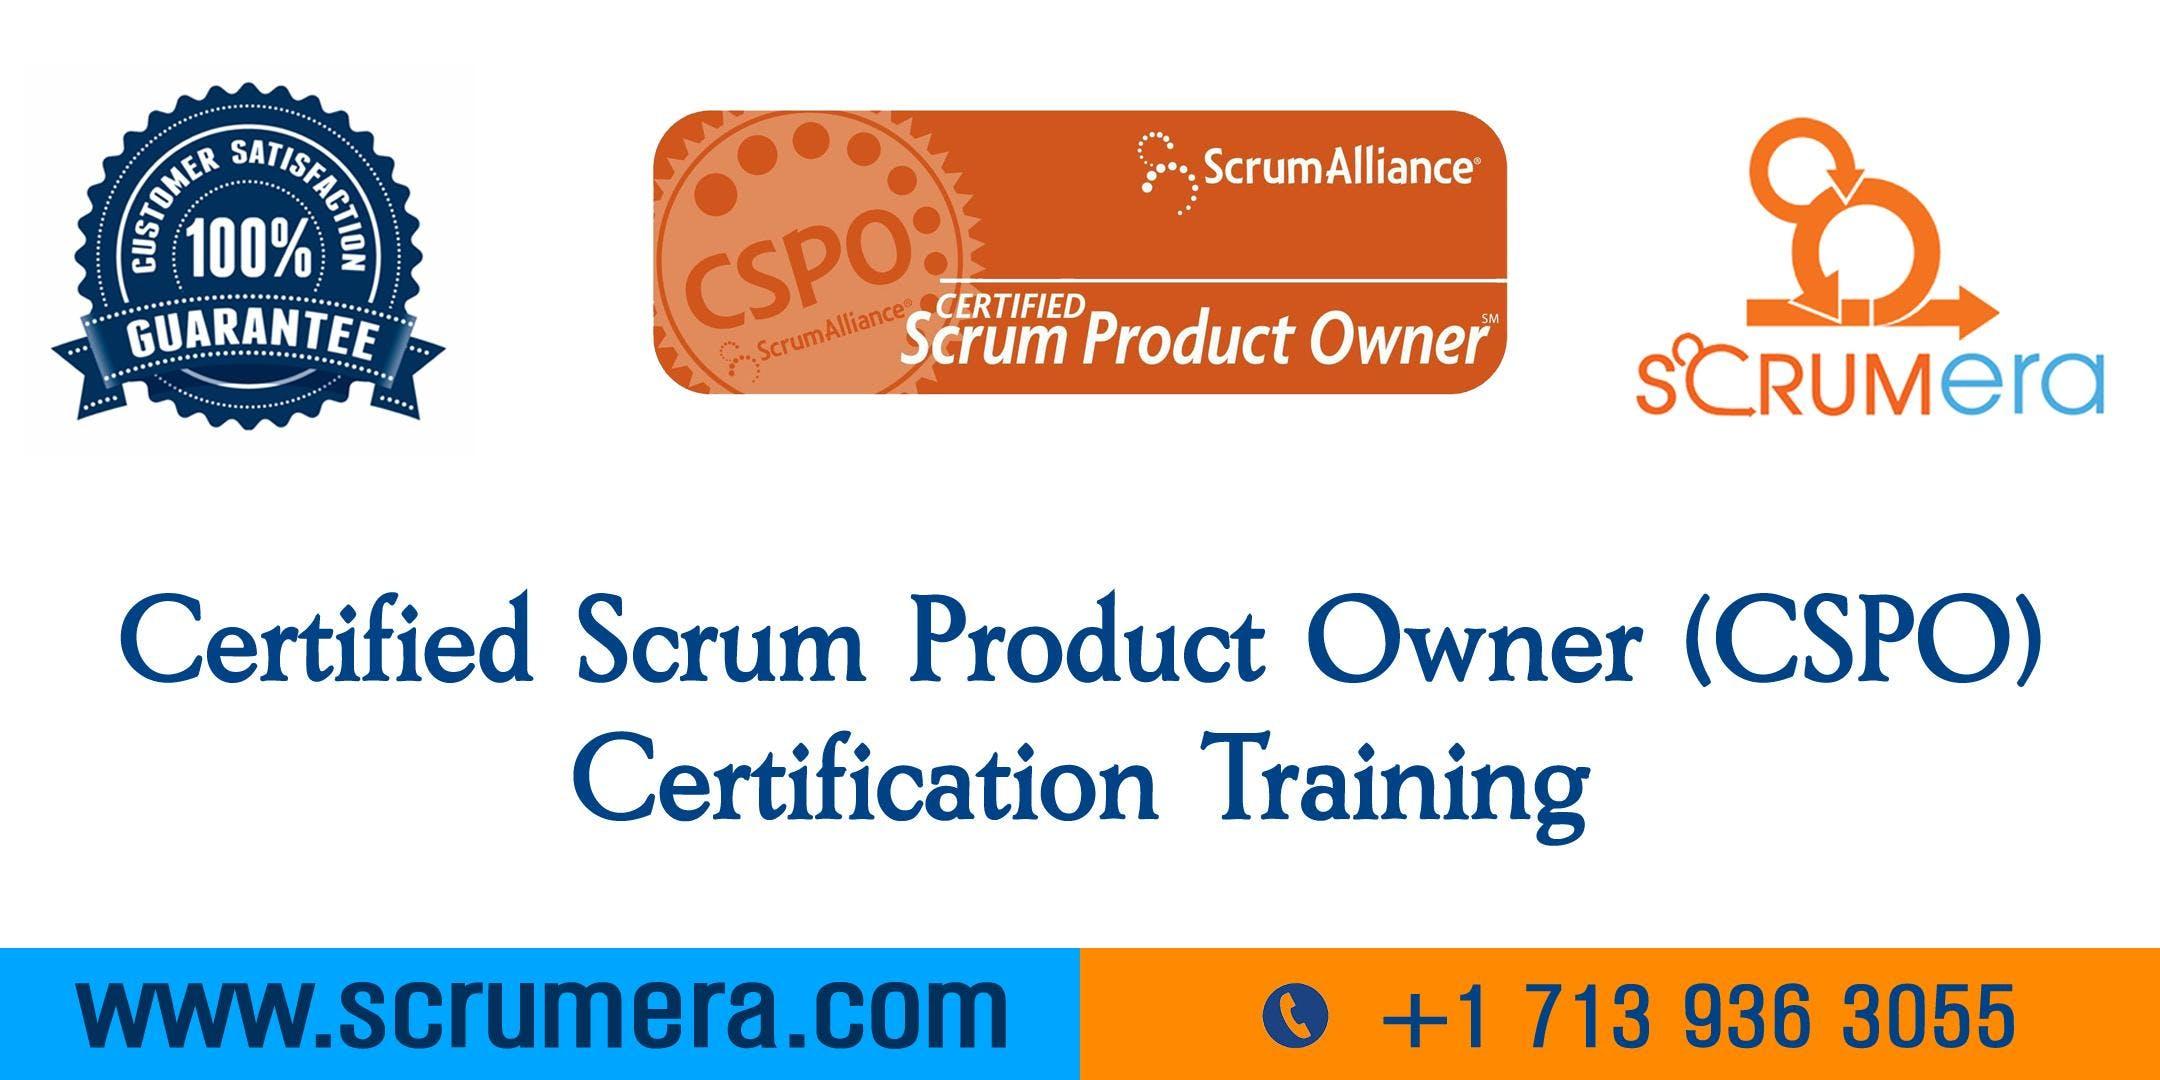 Certified Scrum Product Owner (CSPO) Certification | CSPO Training | CSPO Certification Workshop | Certified Scrum Product Owner (CSPO) Training in Pasadena, CA | ScrumERA